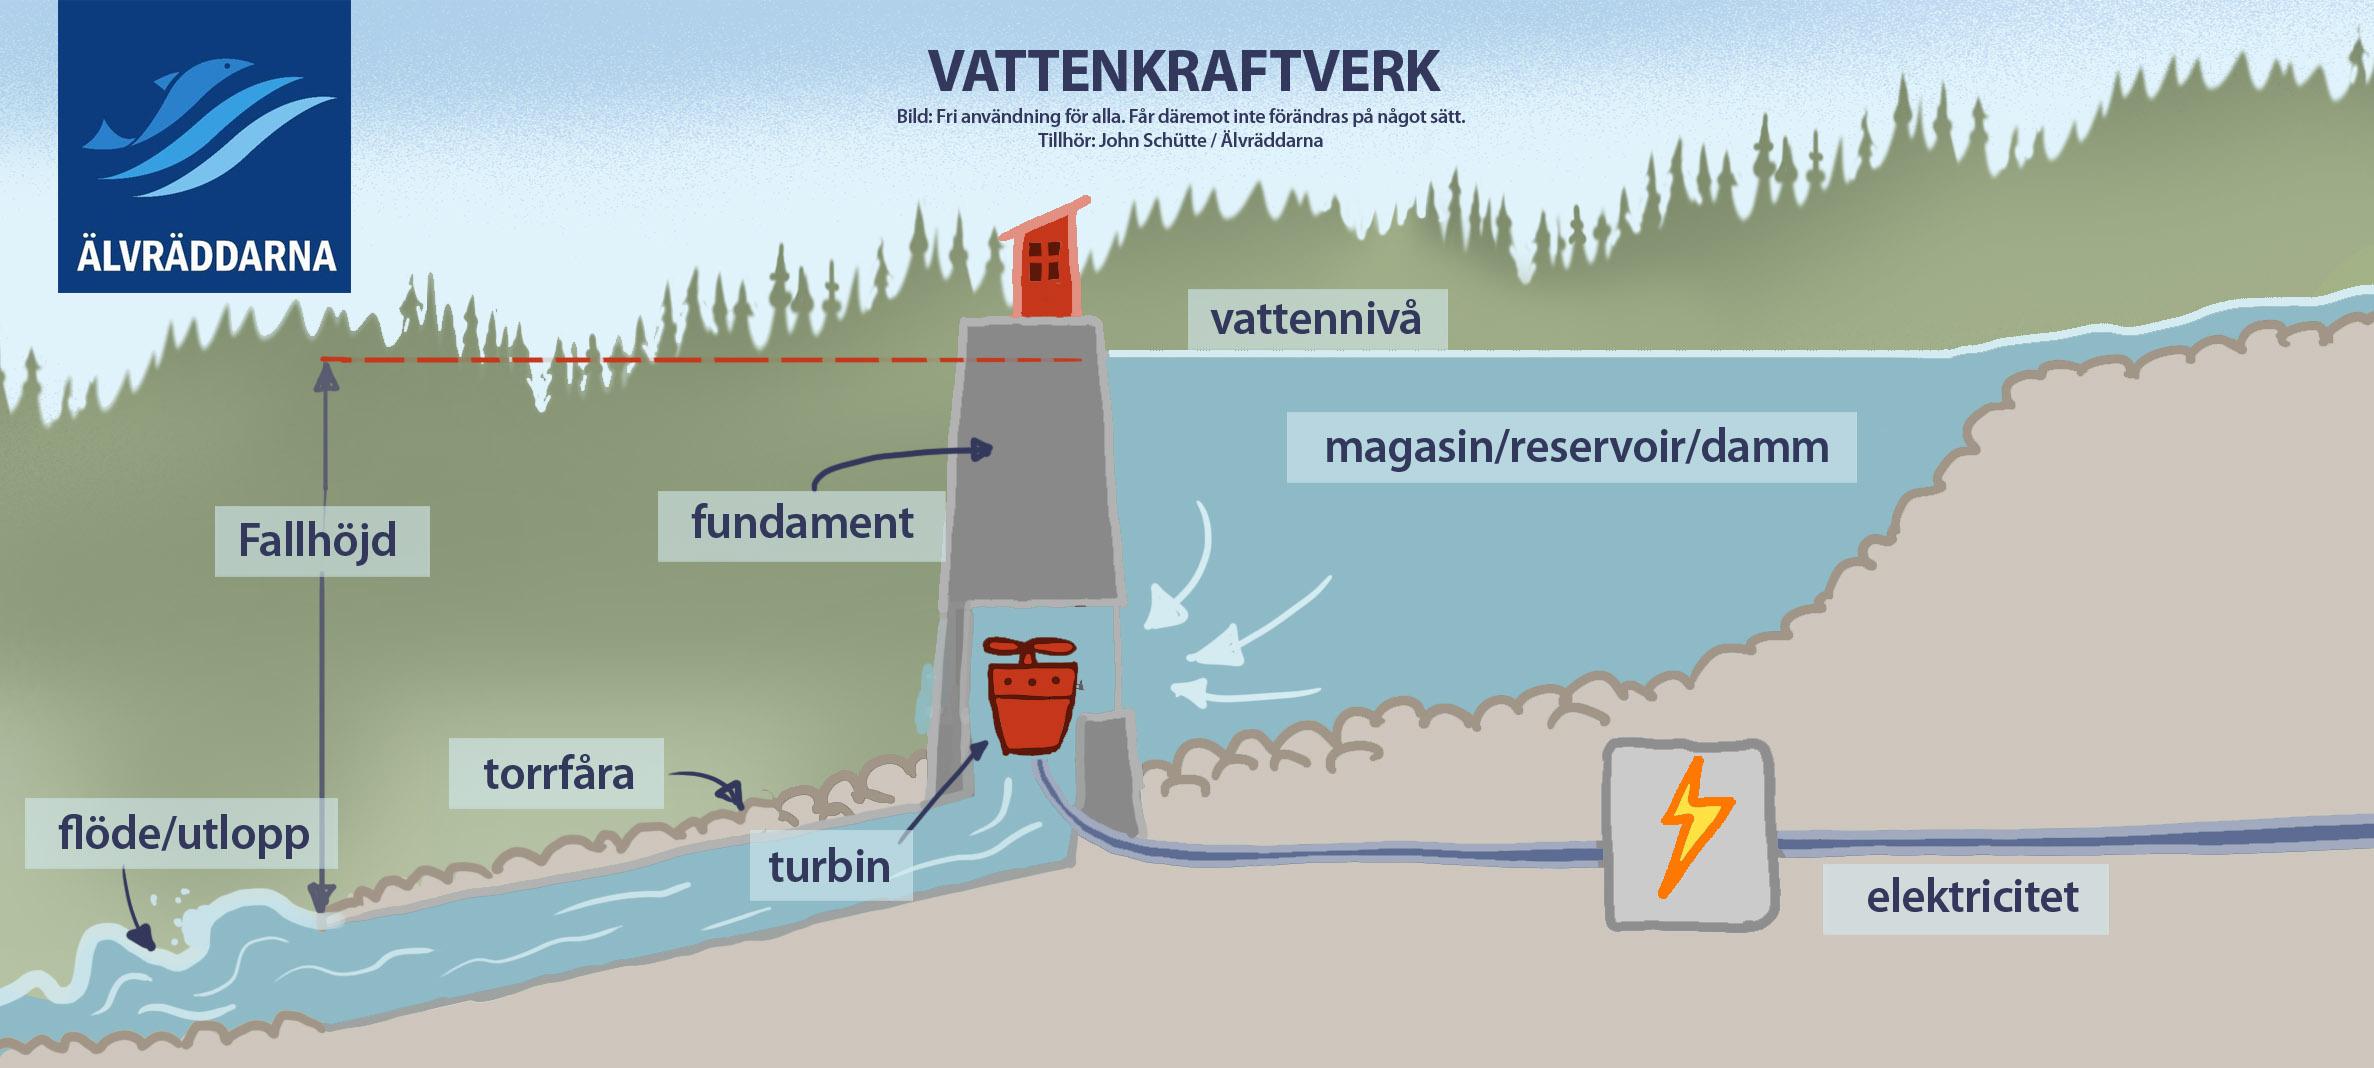 för och nackdelar med vattenkraft